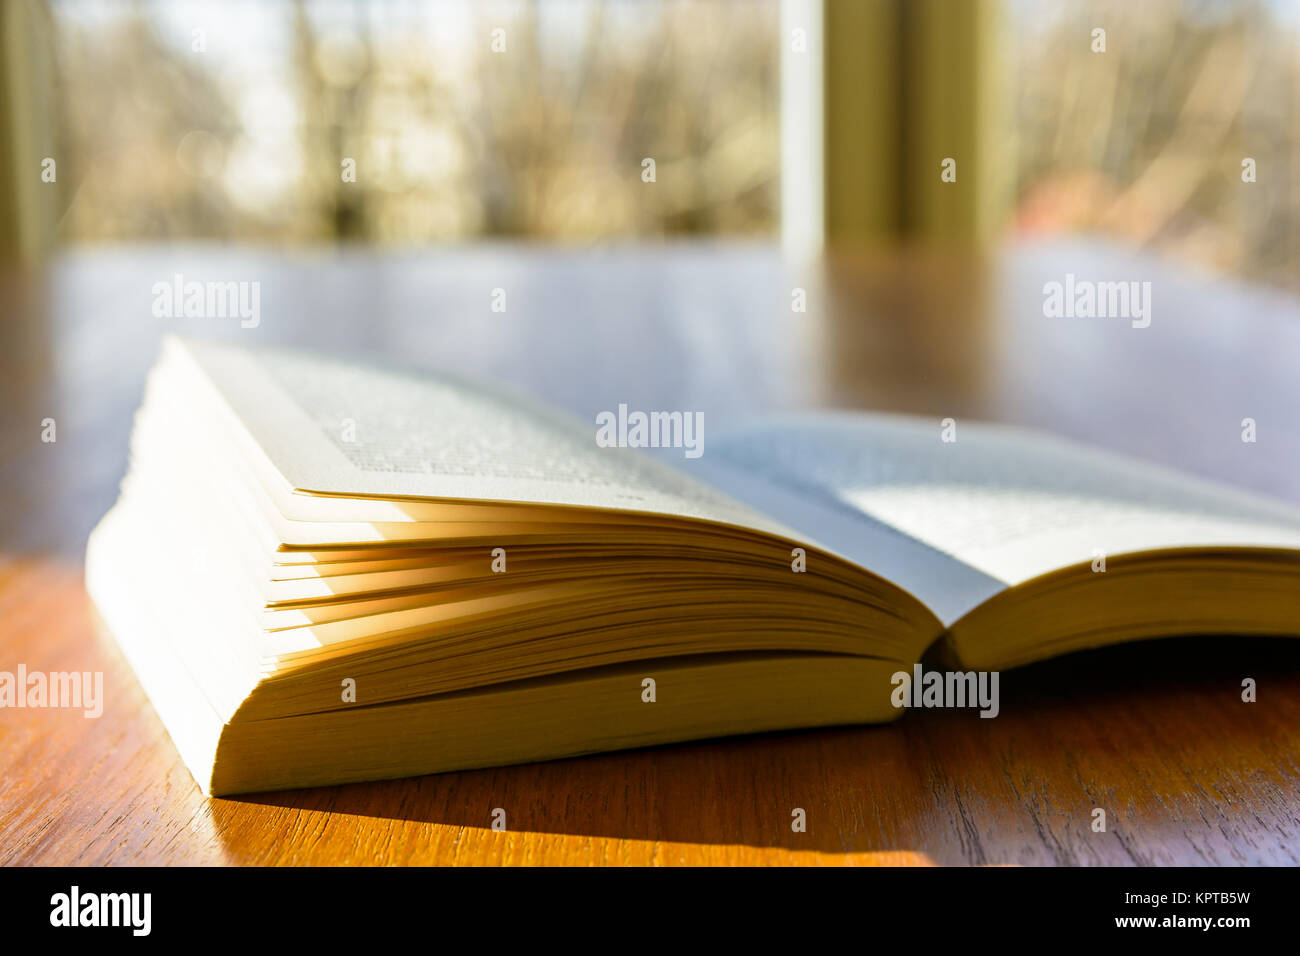 Vue rapprochée d'un livre de poche ouverte portant sur une table en bois et éclairé par un rayon Photo Stock